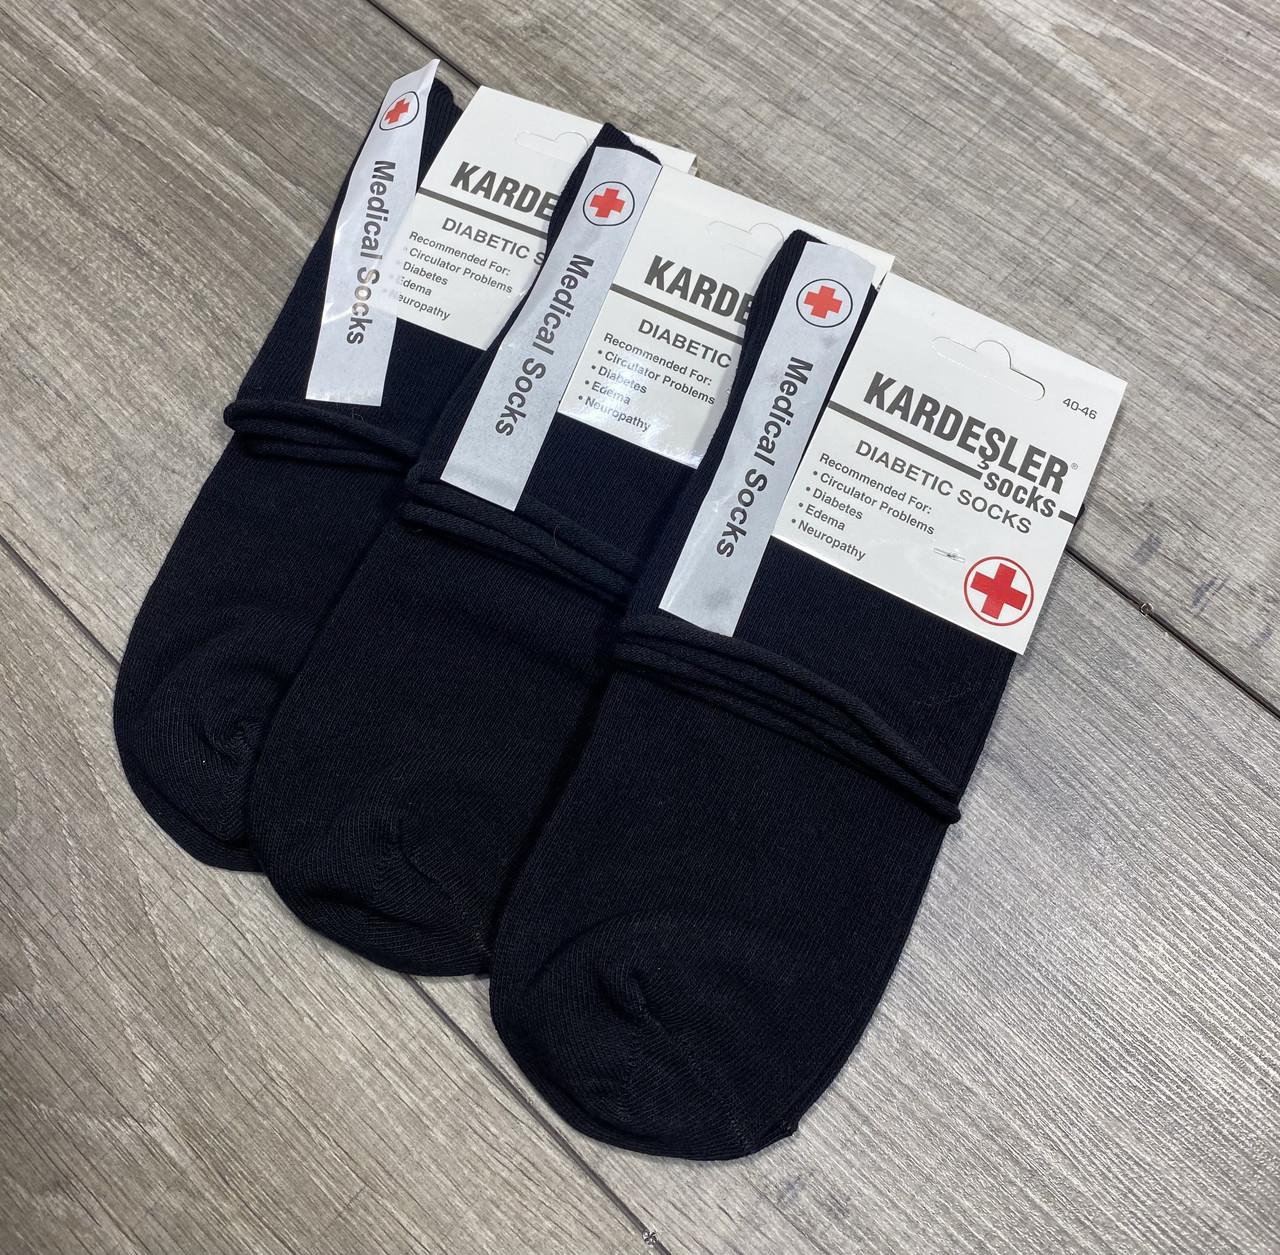 Мужские демисезонные носки Kardesler черные хлопок для диабетиков без резинки 40-46 12 шт средние